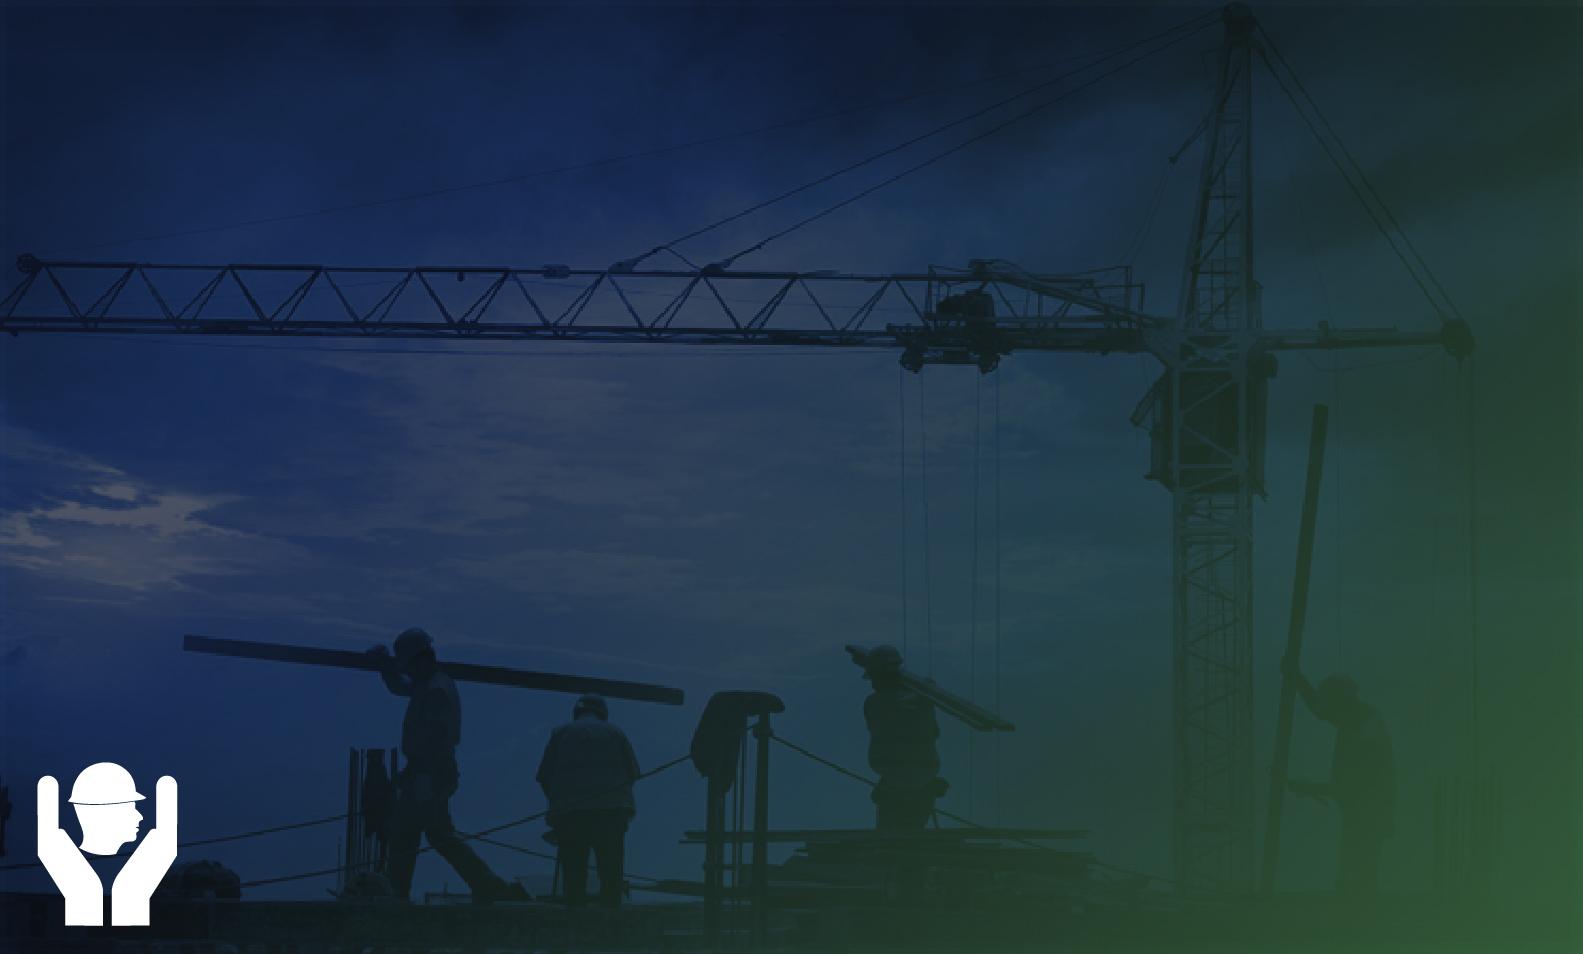 dia nacional da prevenção de acidentes do trabalho – um marco na luta por melhores condições